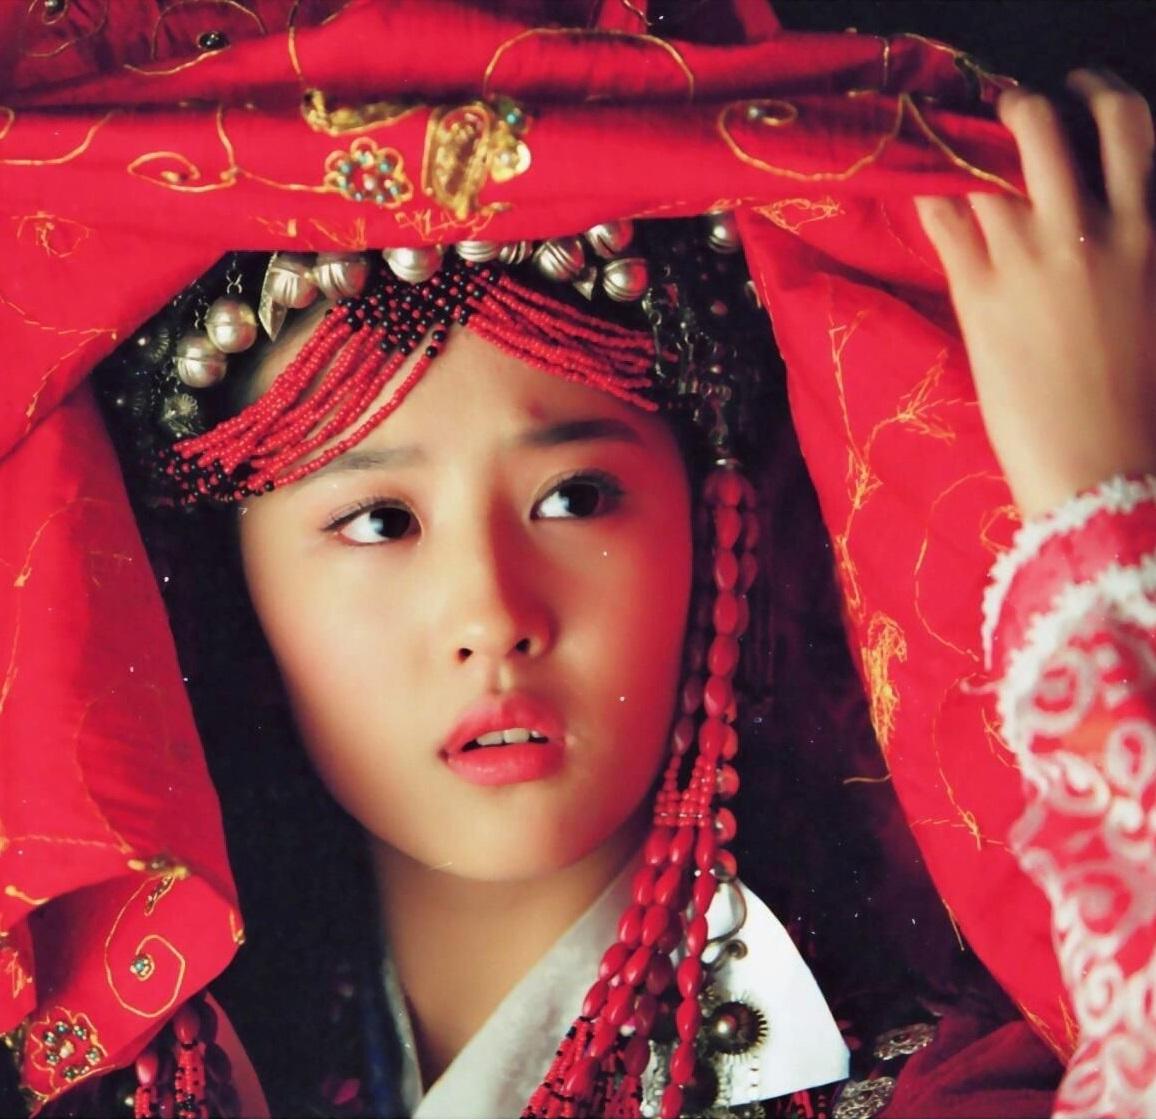 古装新娘掀起红盖头 杨幂娇羞,热巴美艳动人,最经典的是她